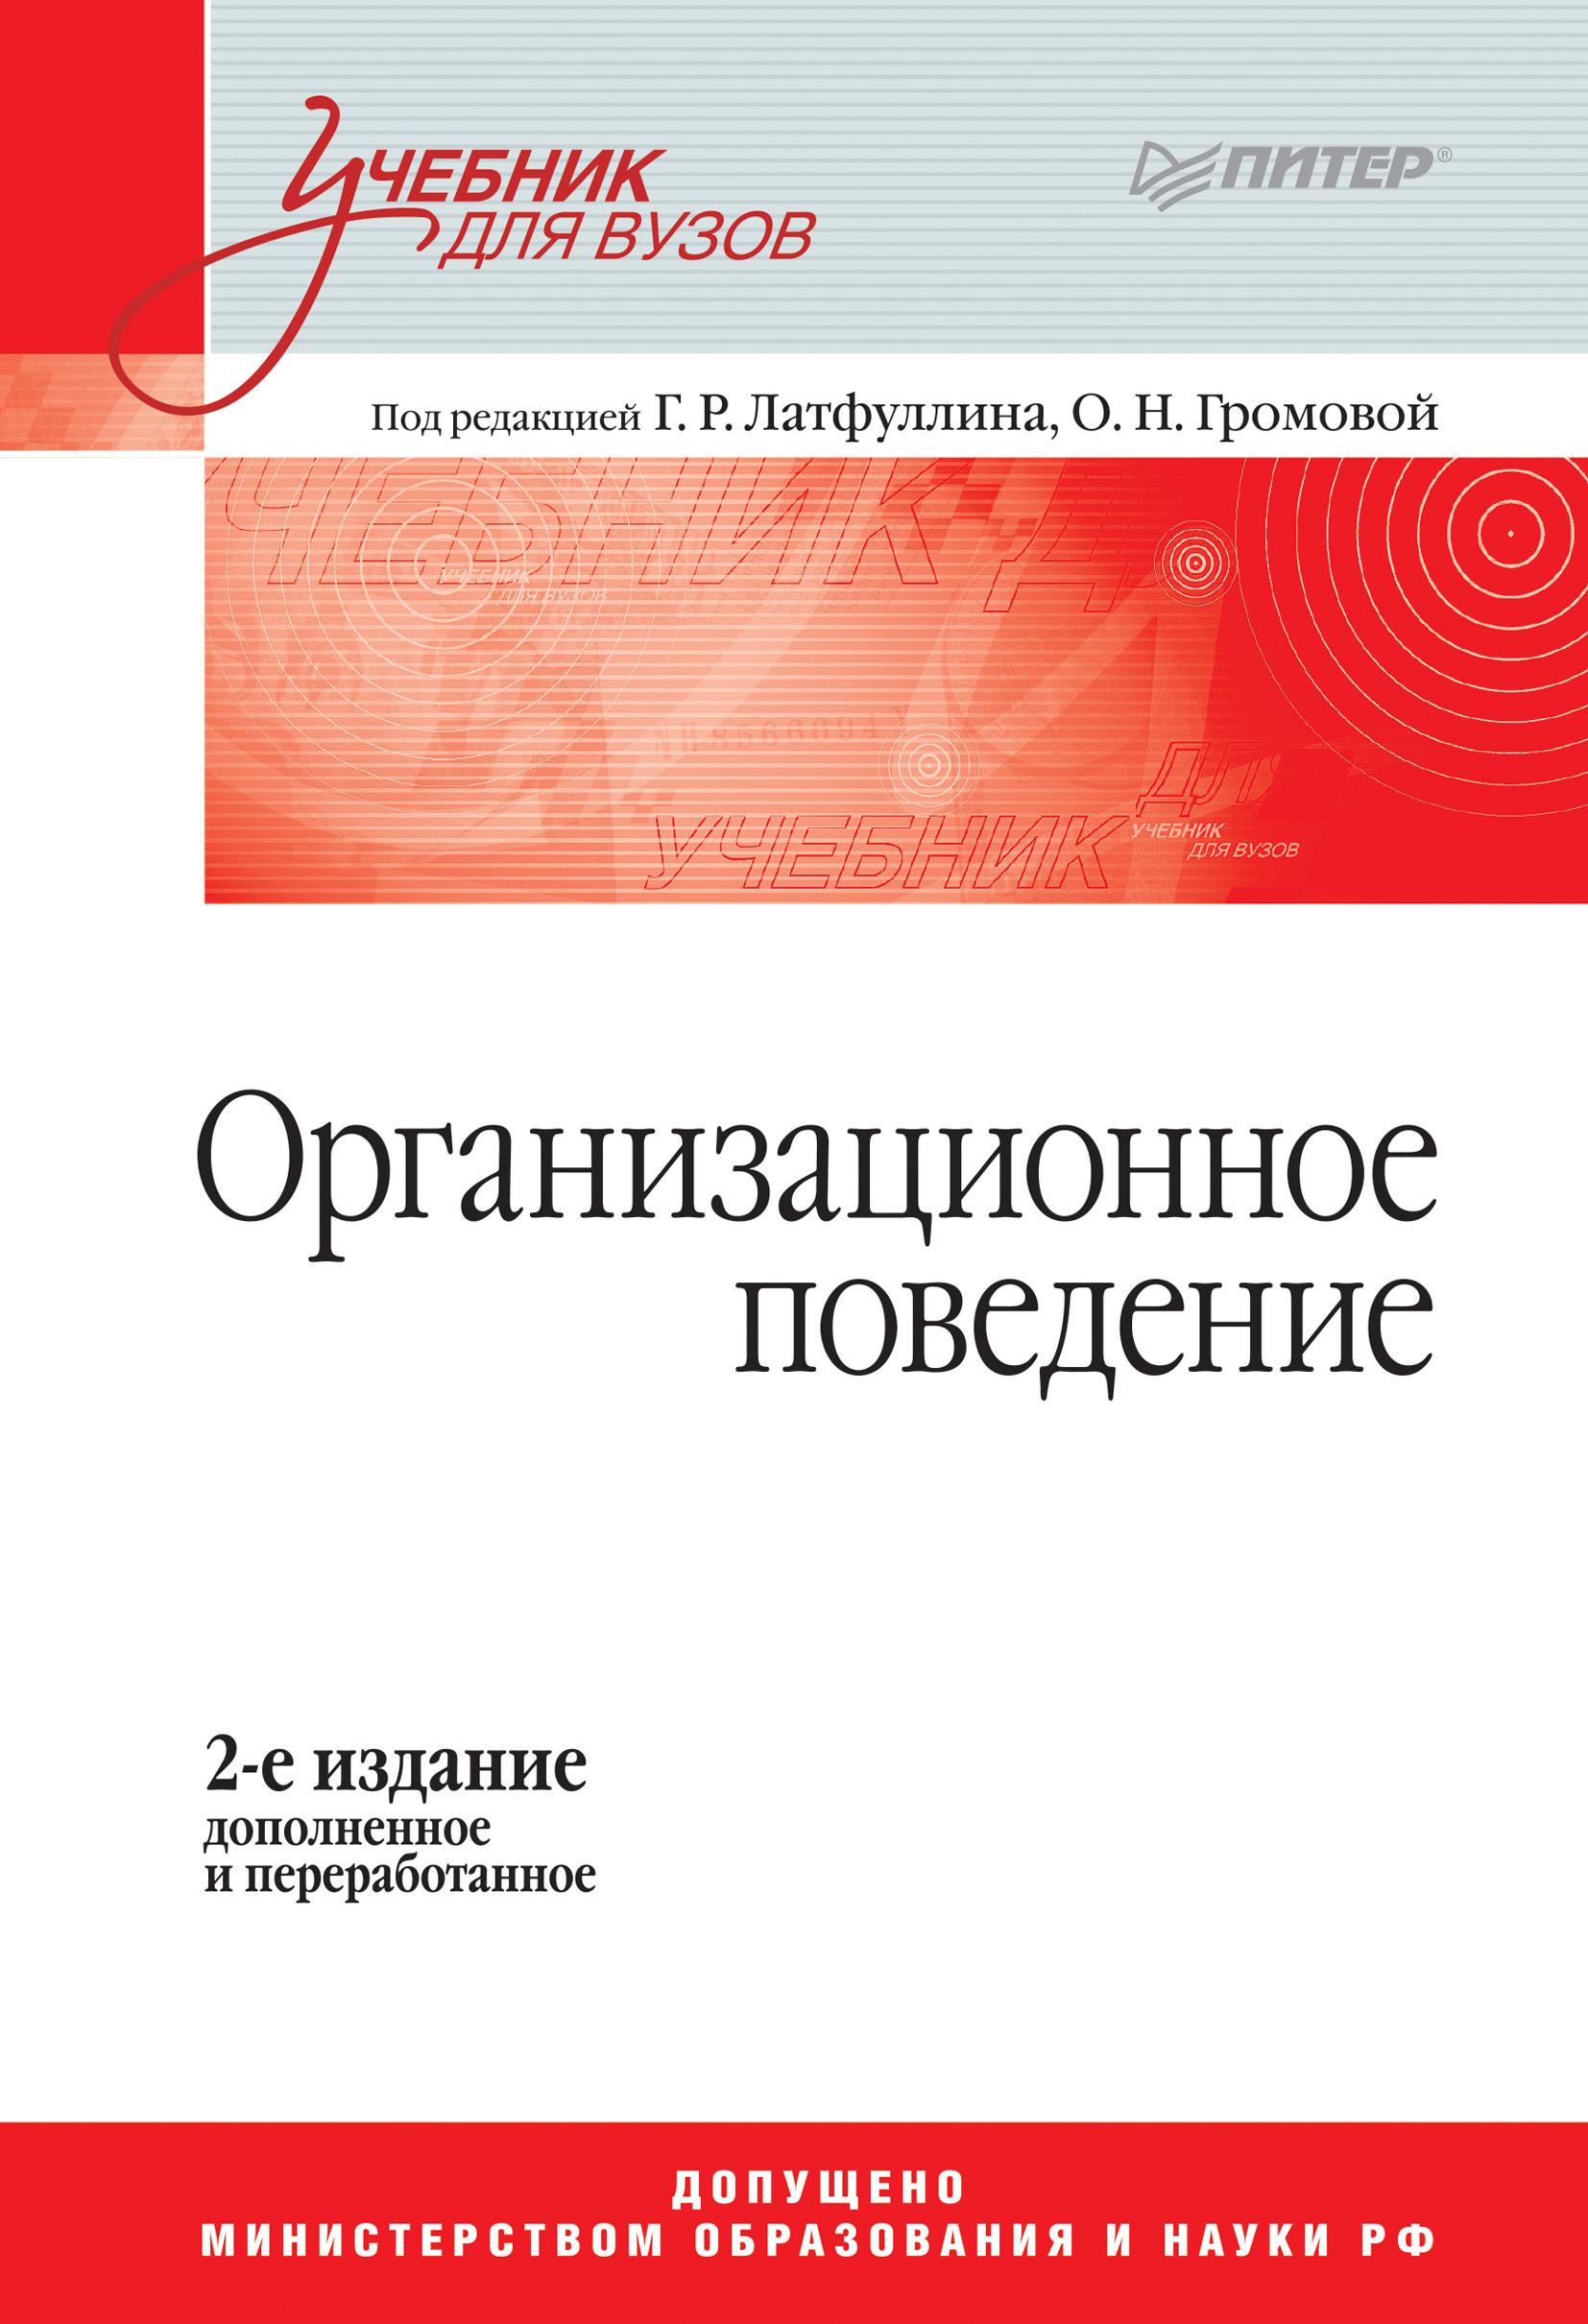 Коллектив авторов Организационное поведение. Учебник для вузов